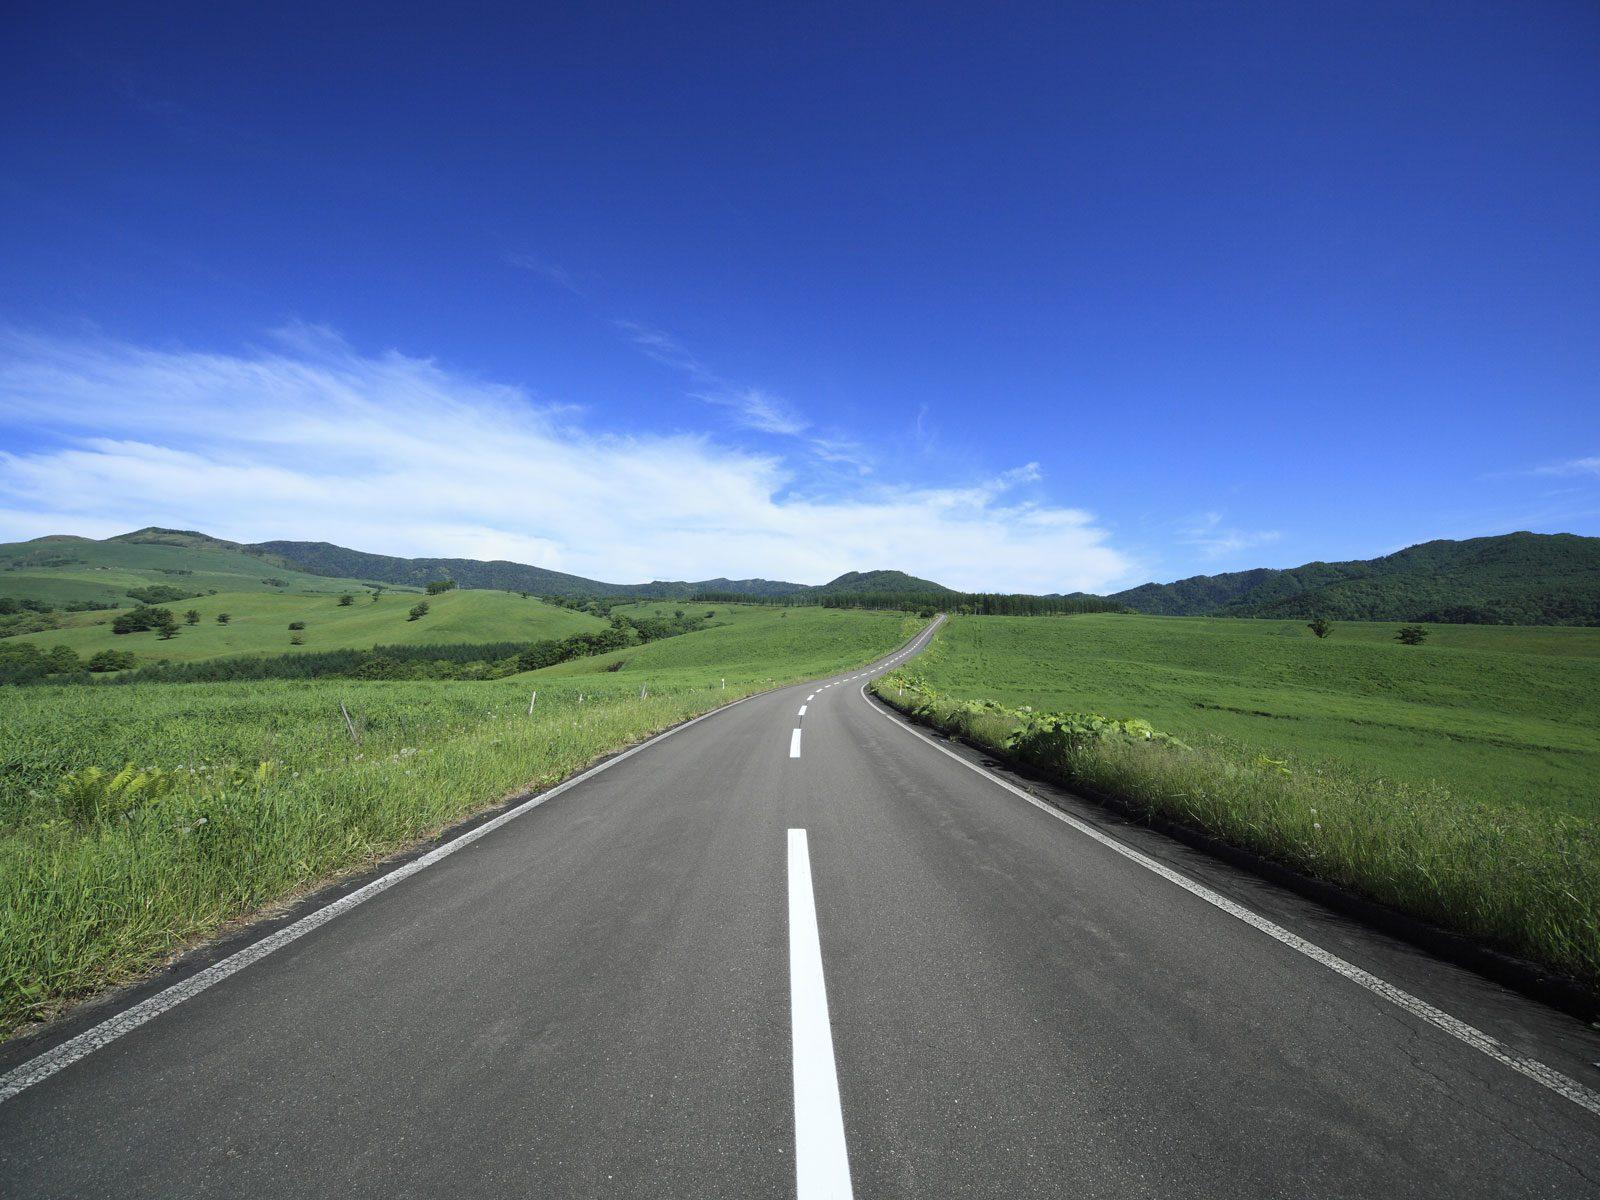 道路での撮影の注意点